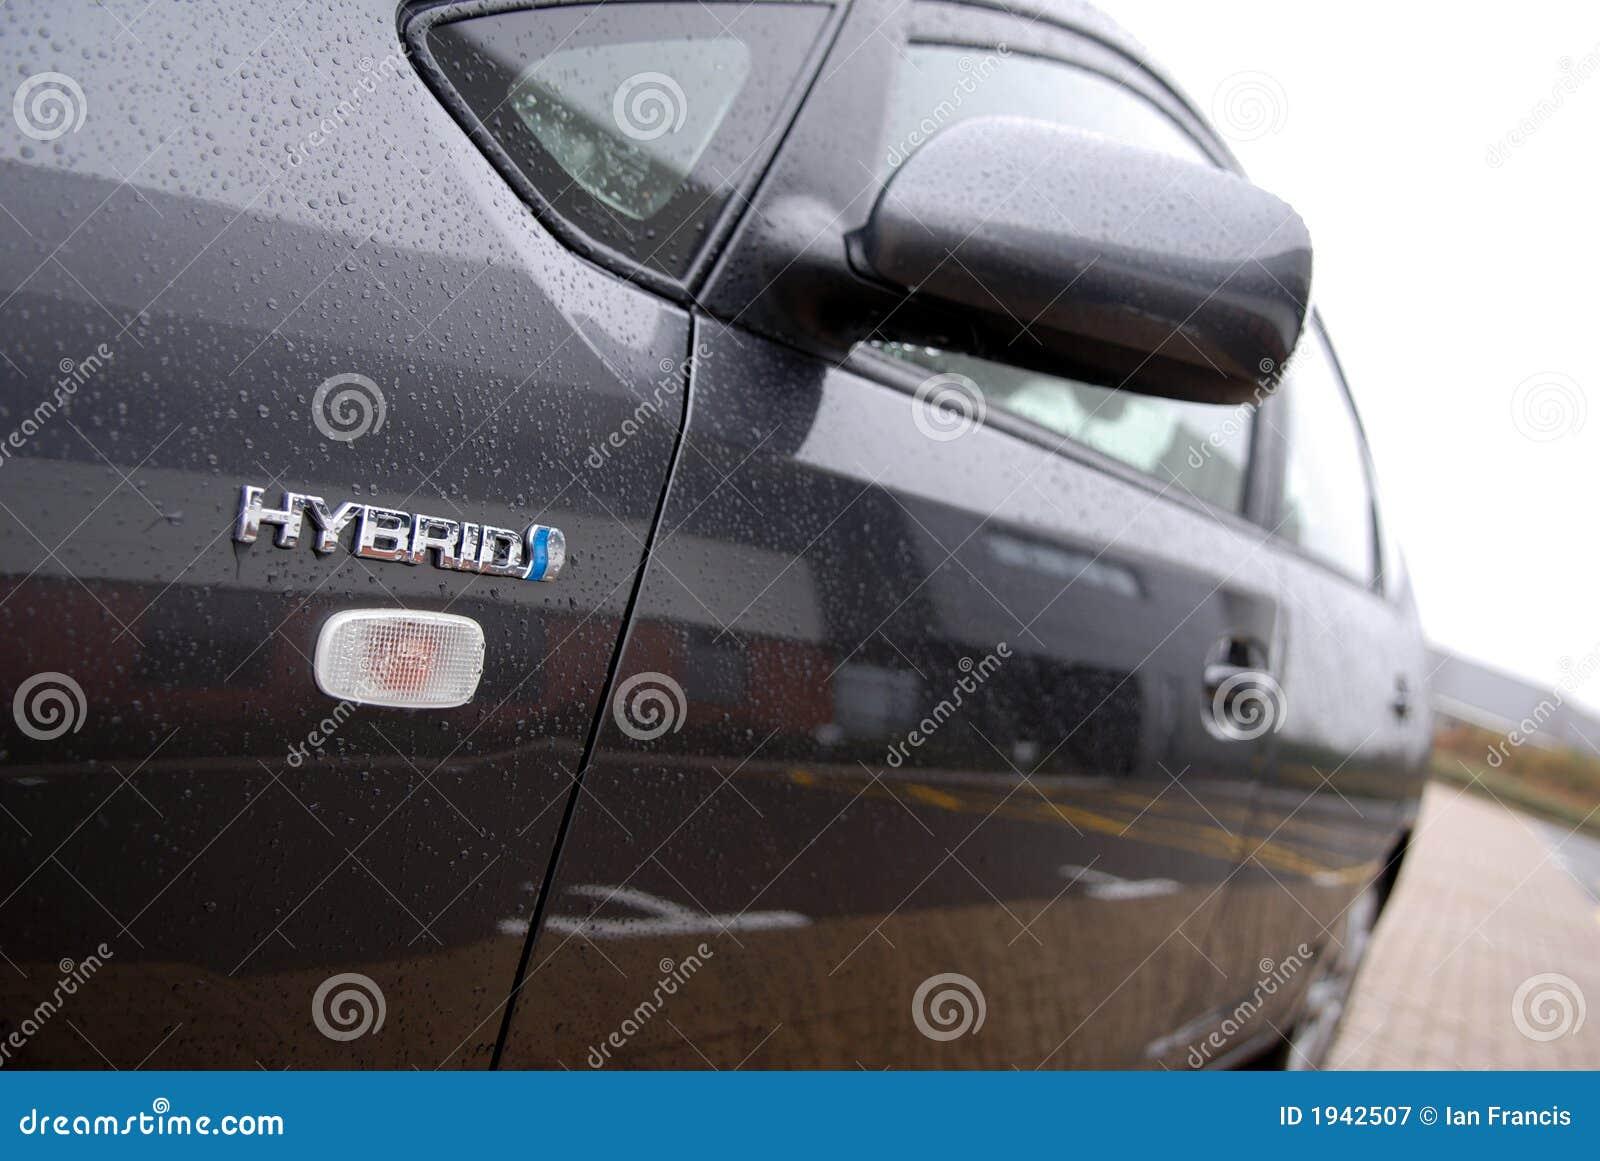 Hybrid Electric Car.